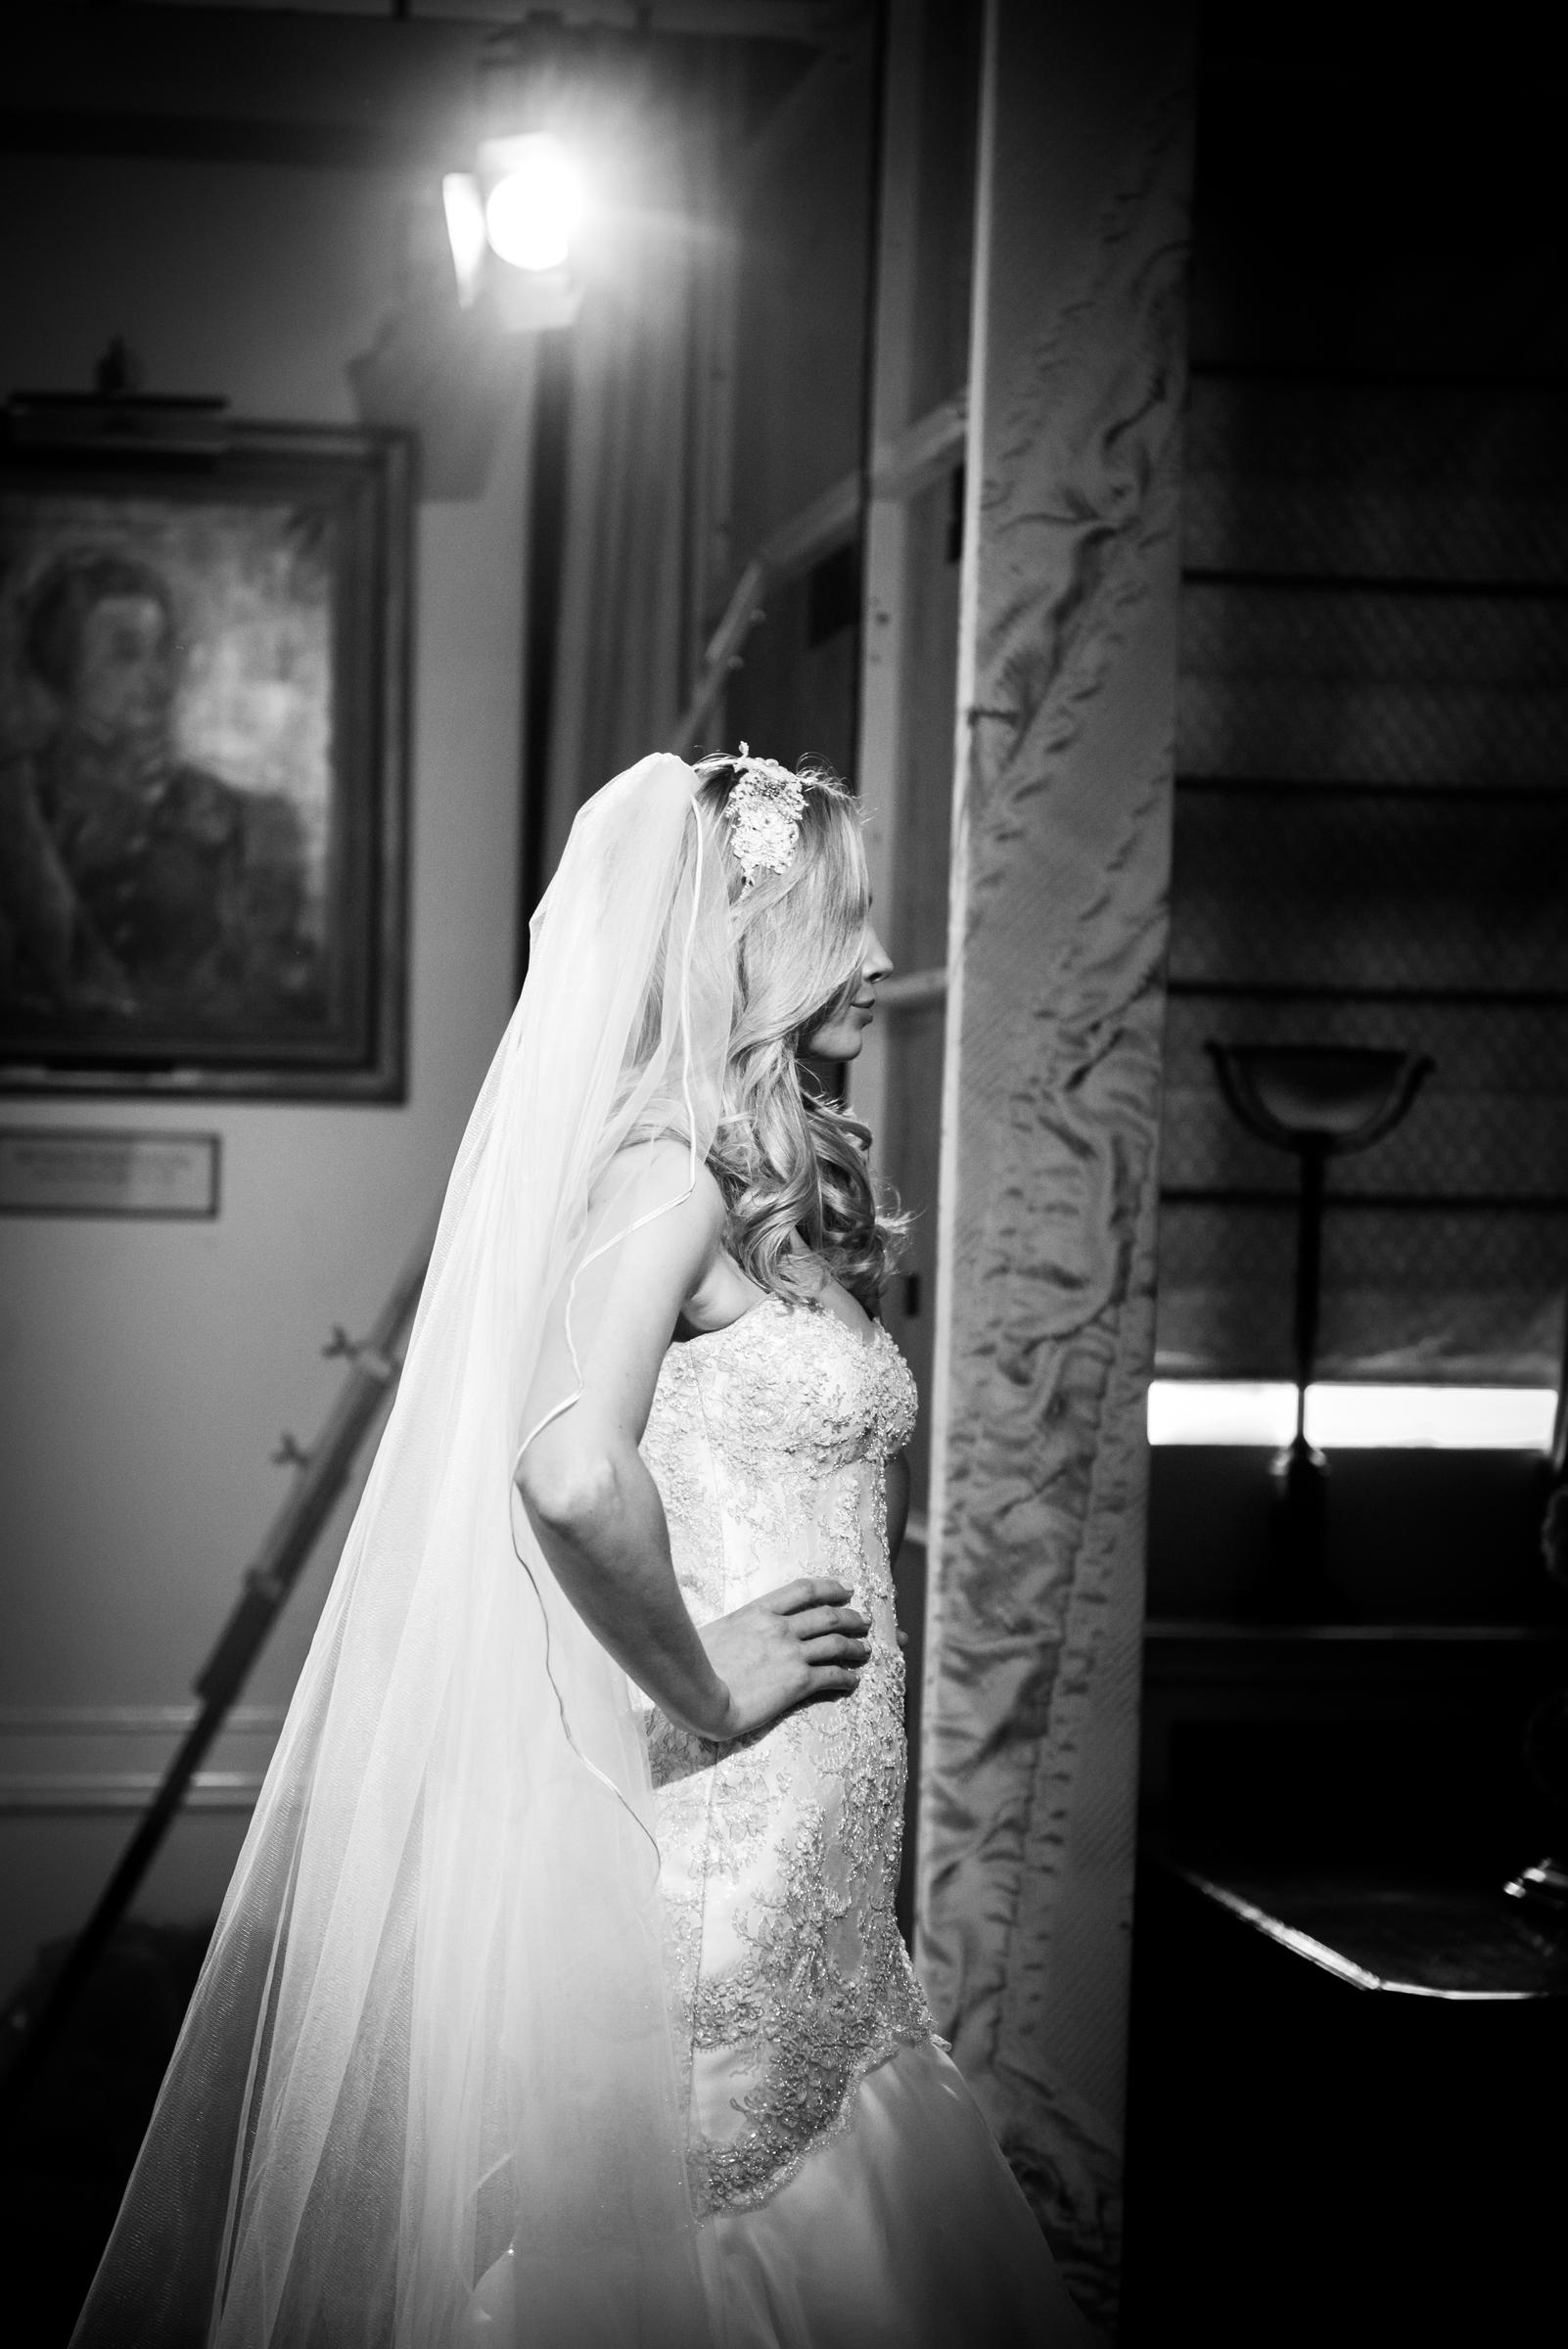 Portrait Collection - Candid shots - Juliet Mckee Photography-6 copy Suzanne Neville